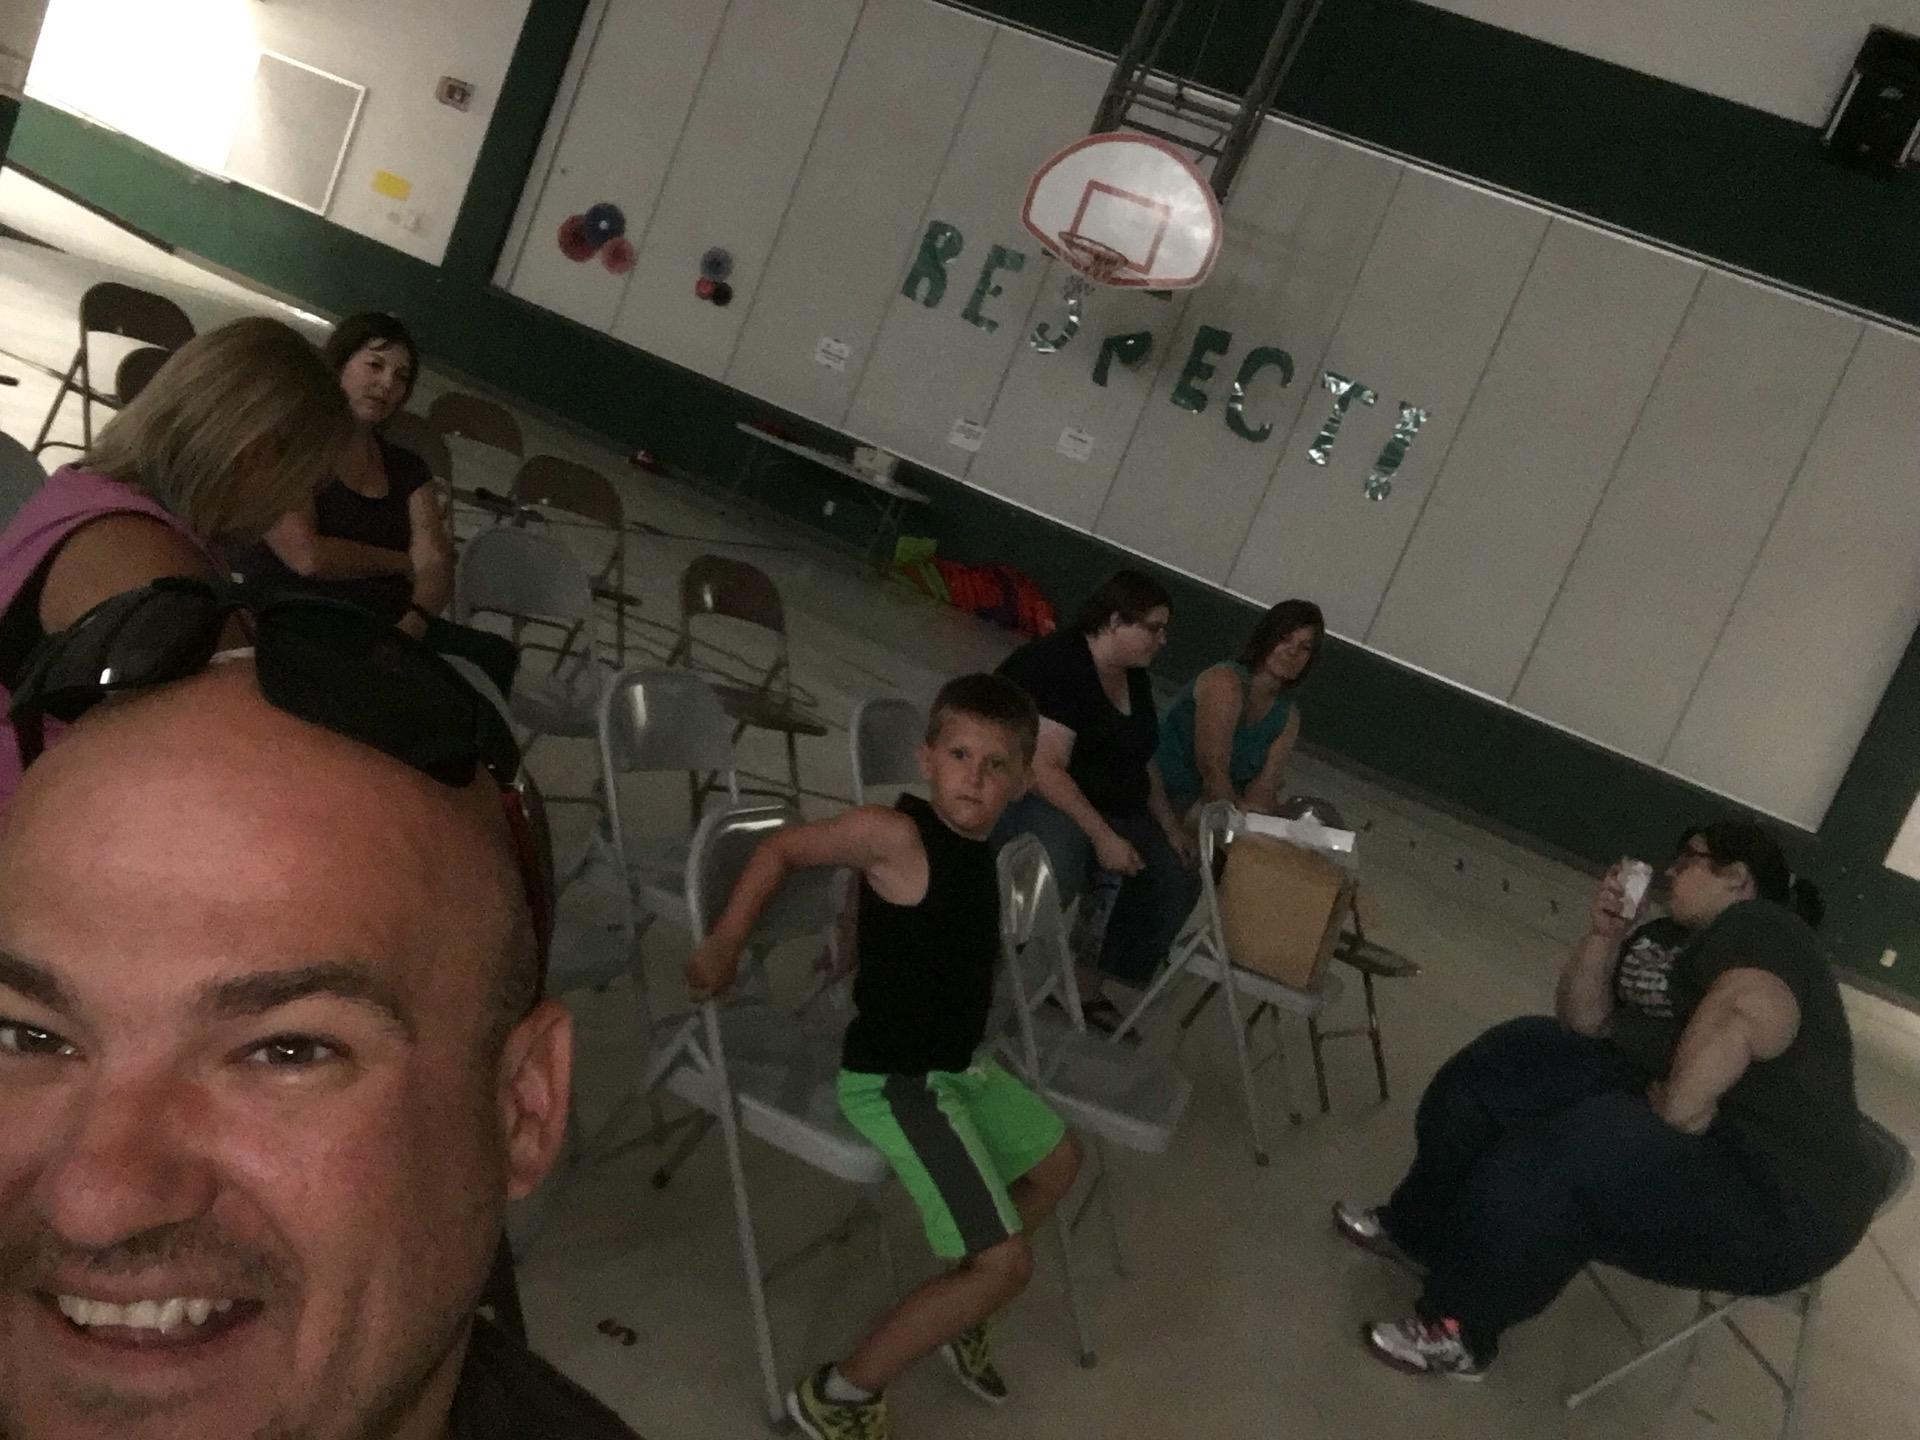 Linn Elementary School | 1900 Linn St, Dodge City, KS, 67801 | +1 (620) 227-1602